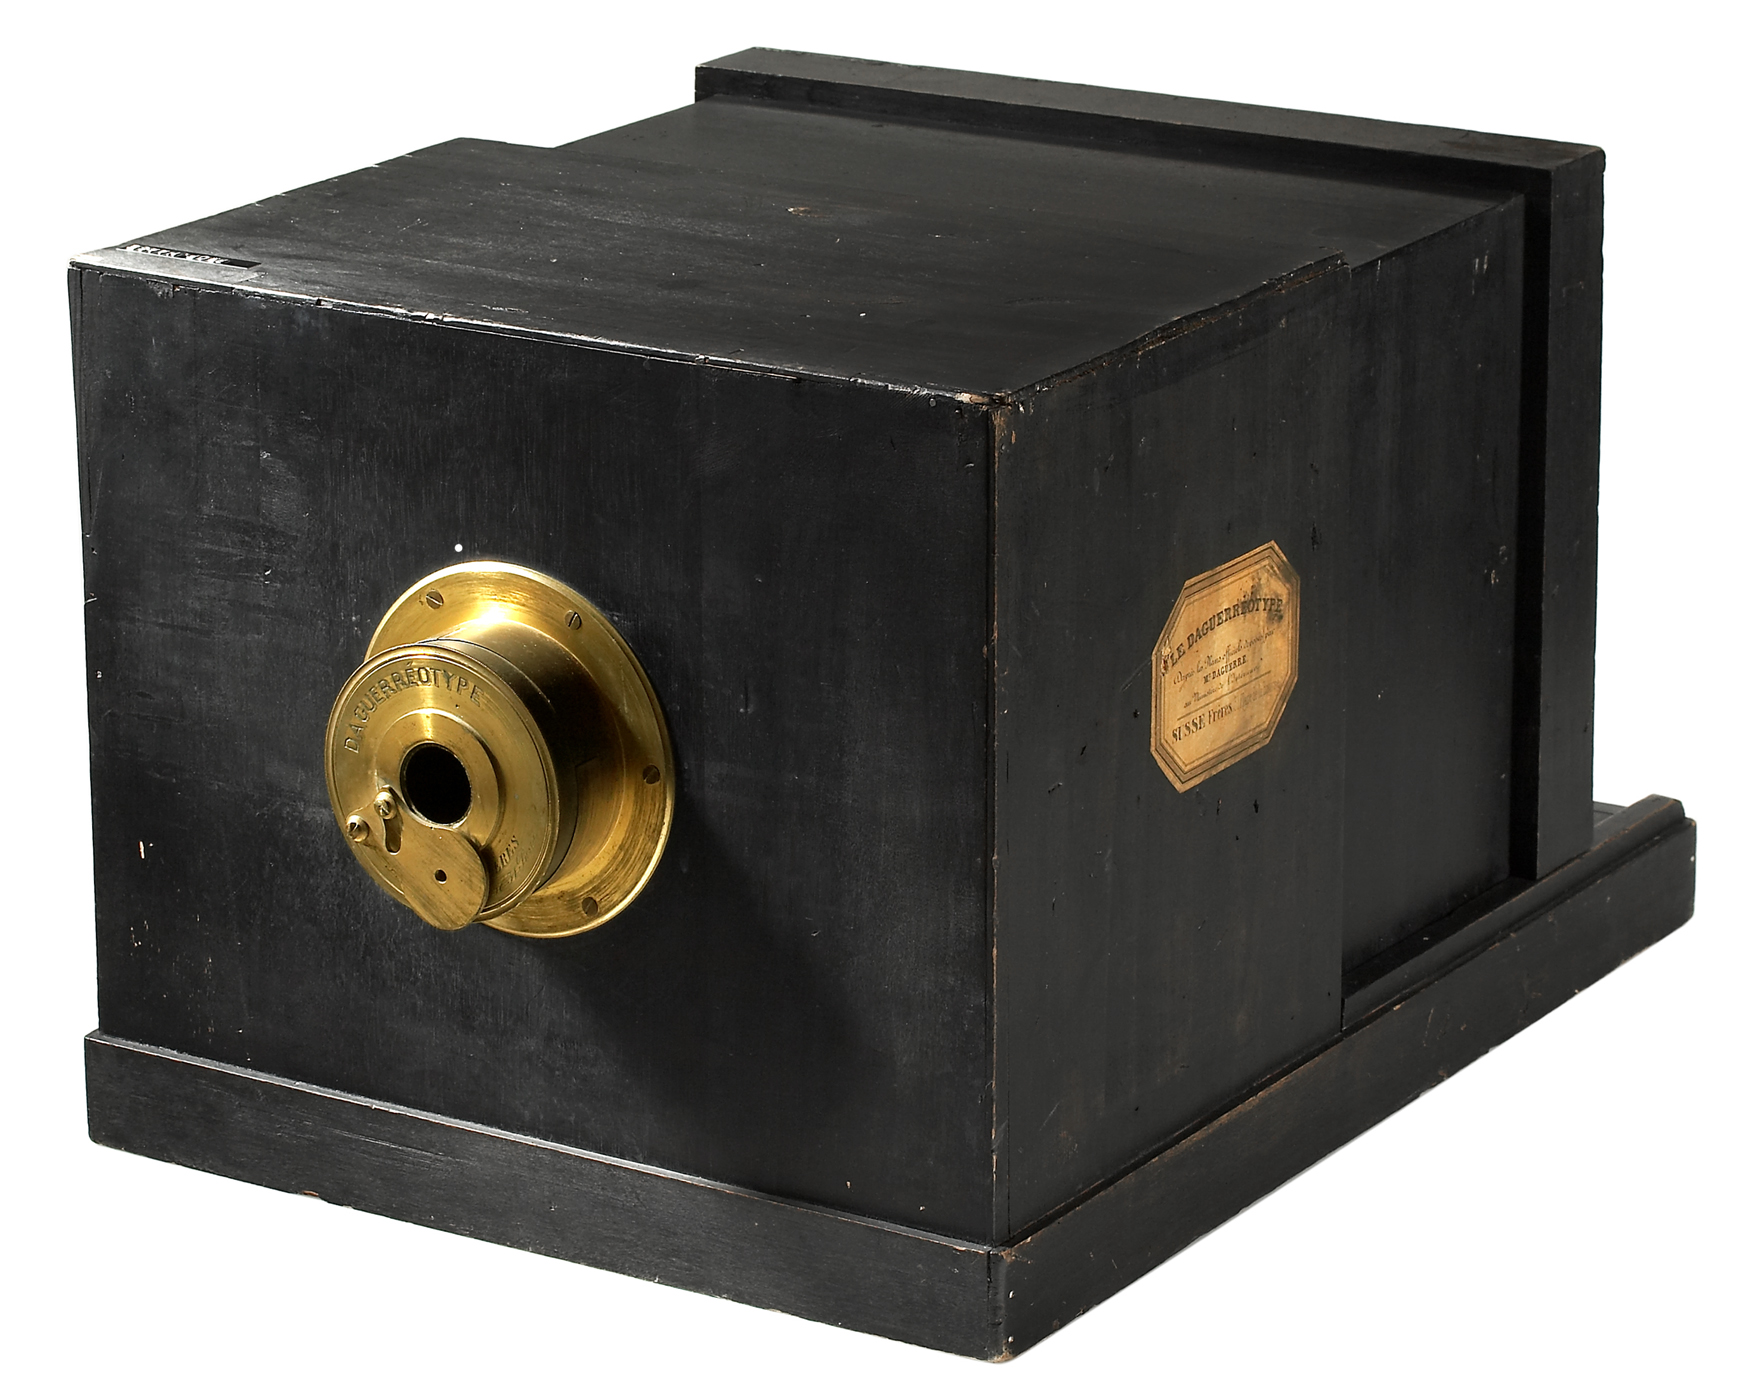 Чарлез Чевалерийн бүтээсэн гэрэл зургийн аппарат /1839 он/